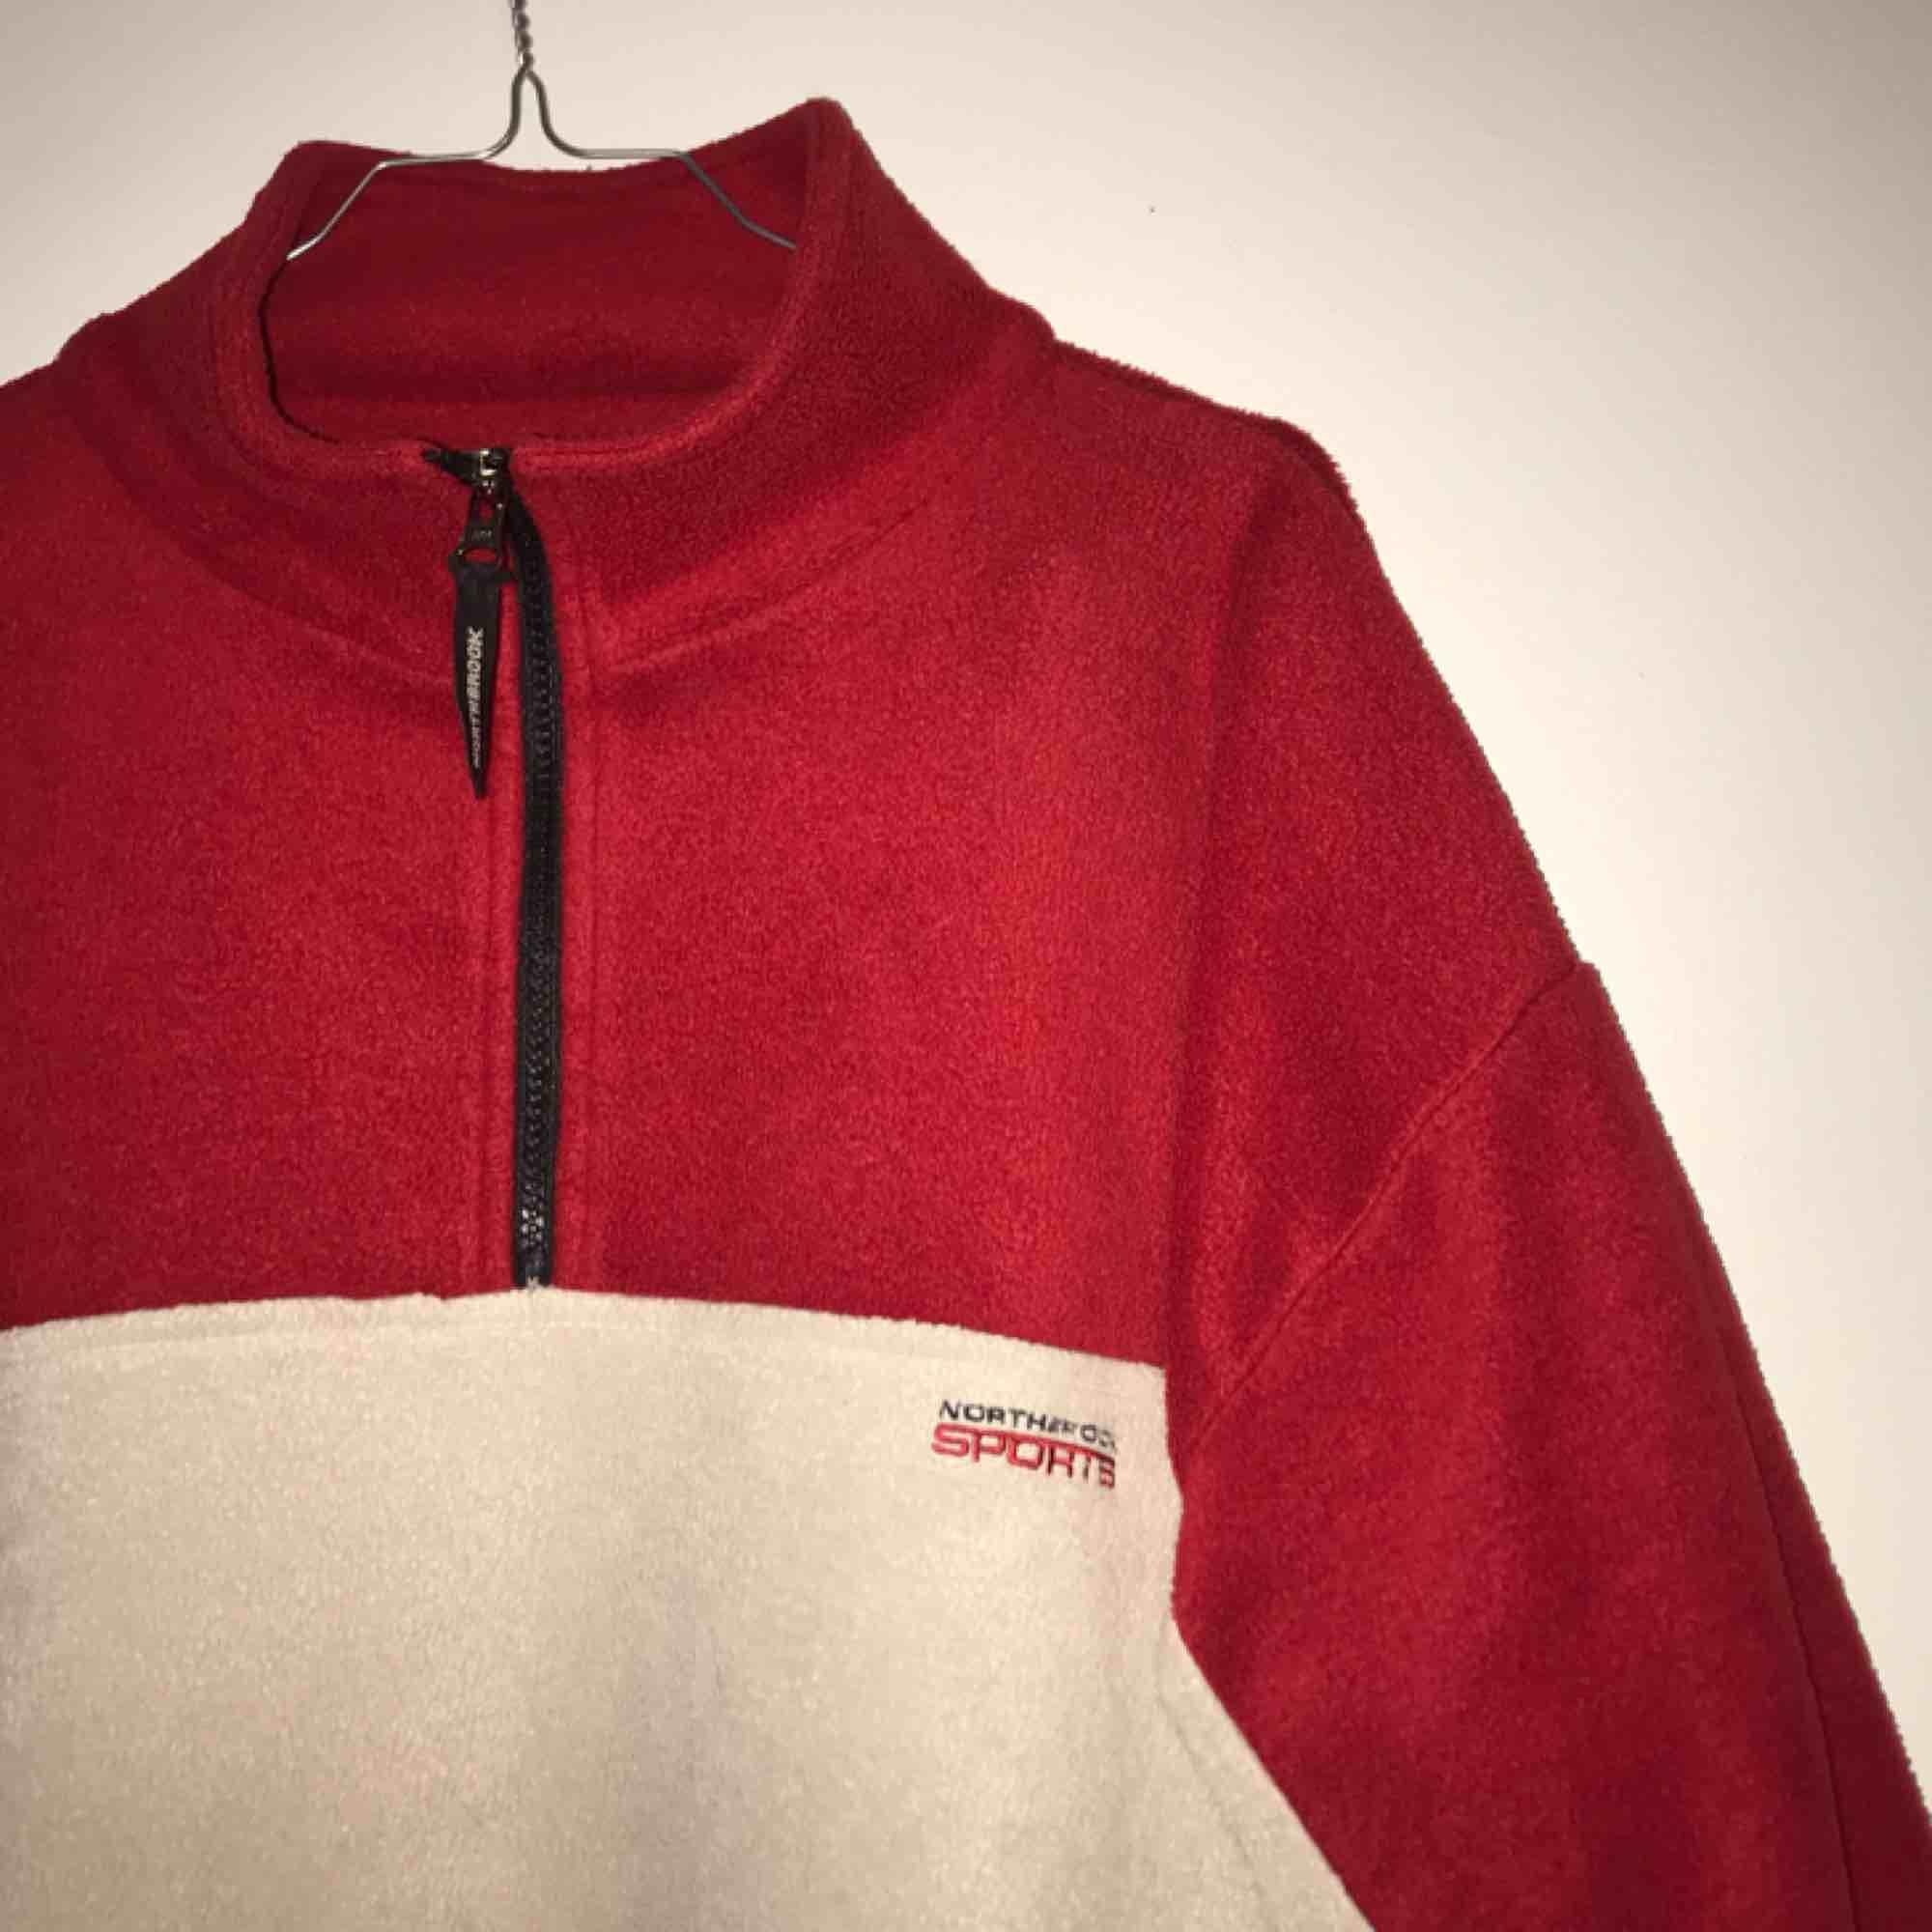 ⚠️KÖP INNAN 4:DE JULI⚠️EFTER DET POSTAR JAG INTE FÖRRÄNS 25:E JULI⚠️ REA‼️ NEDSATT TILL 99kr 😍 Skitsnygg ♻️vintage♻️ fleece i en röd och off-white färg❤️💛 Den här är perfekt till en sommarkväll 😍 54kr frakt 📨. Huvtröjor & Träningströjor.